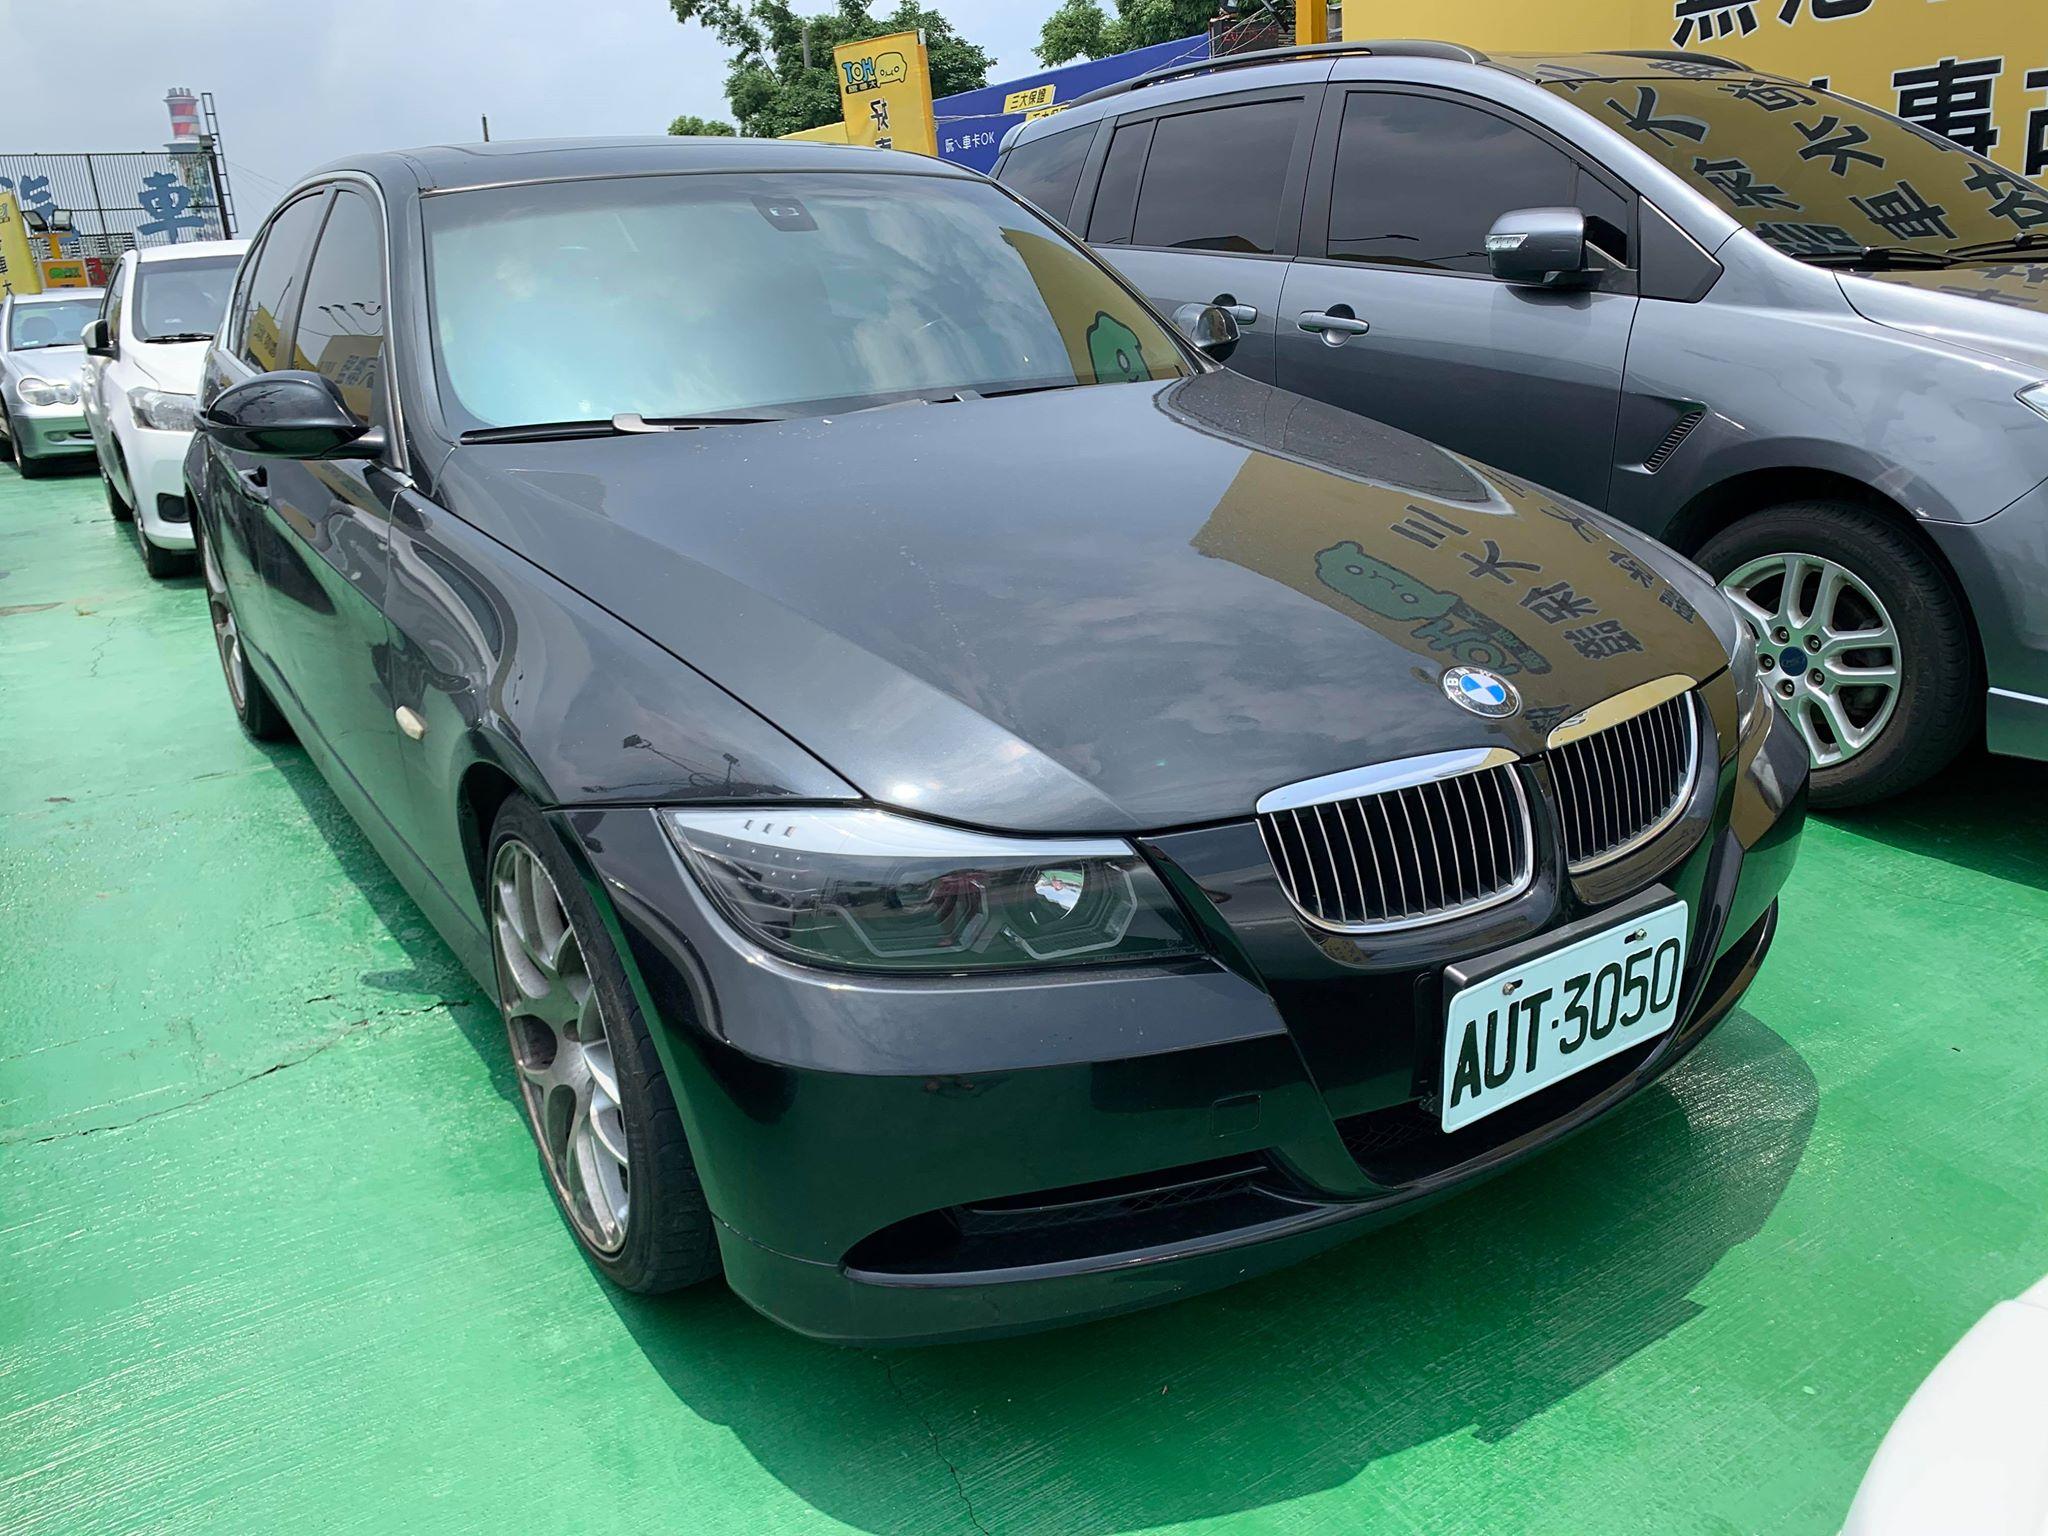 2006 BMW 寶馬 3 series sedan